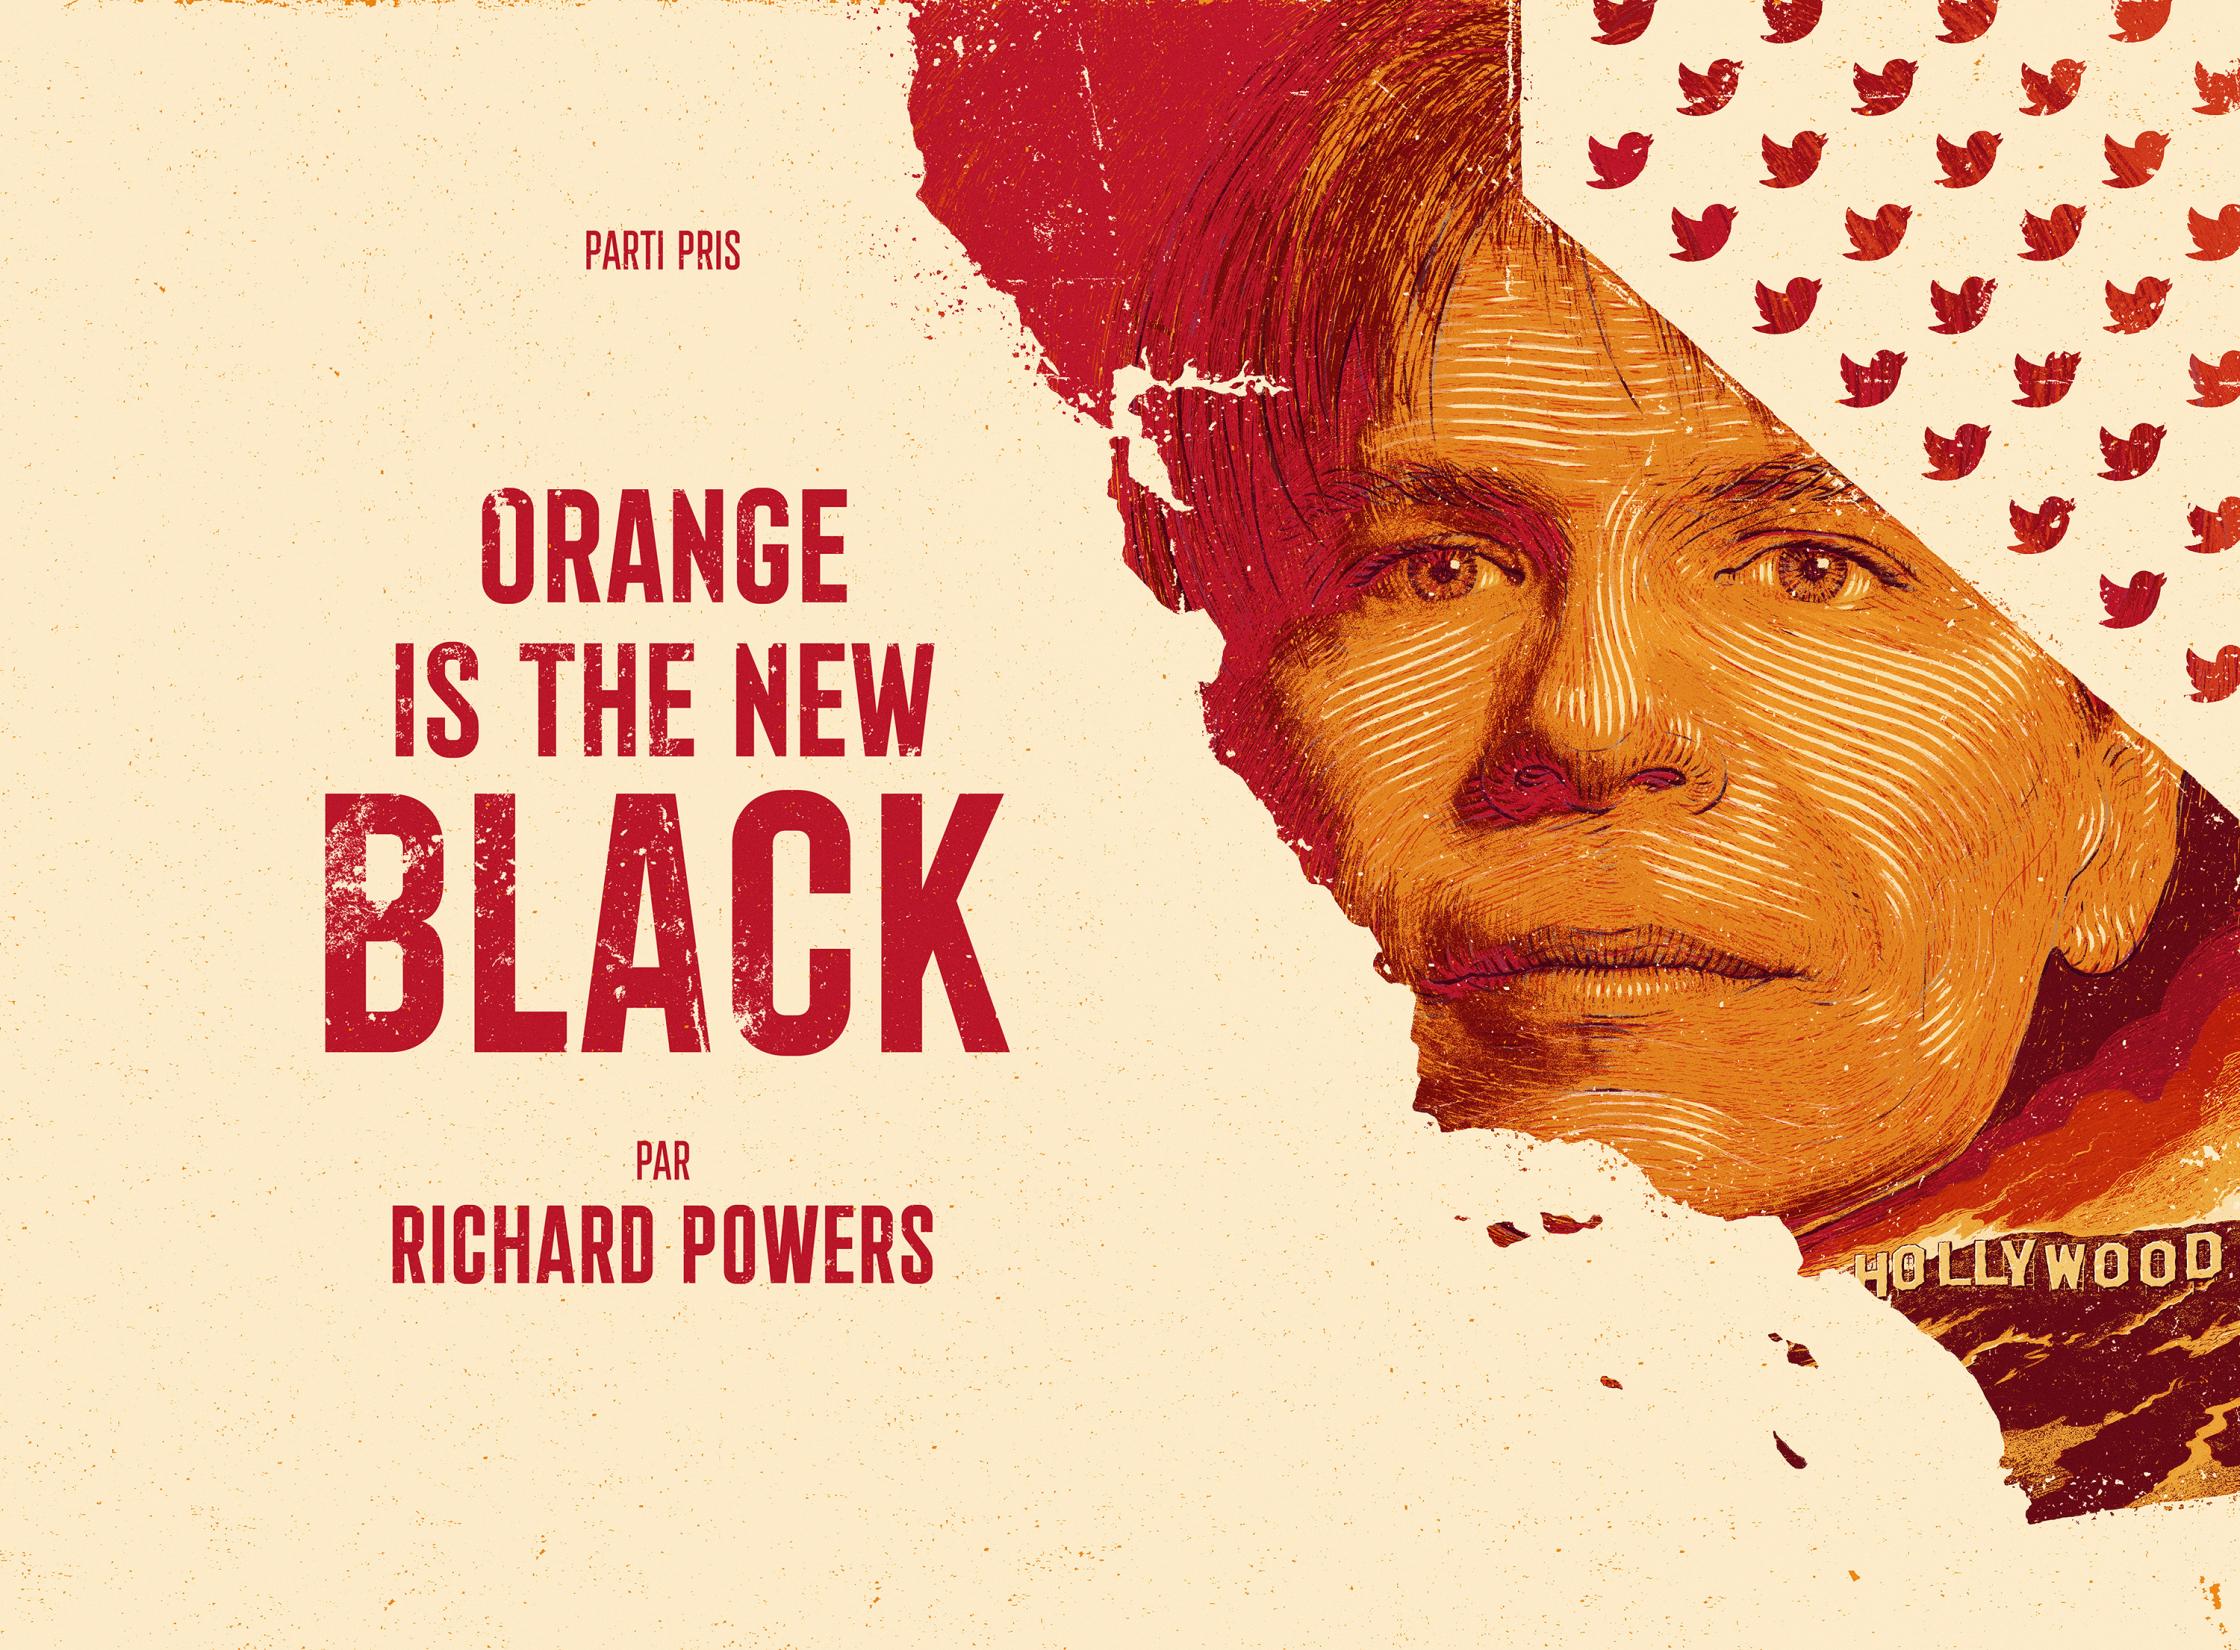 RichardPowers.jpg